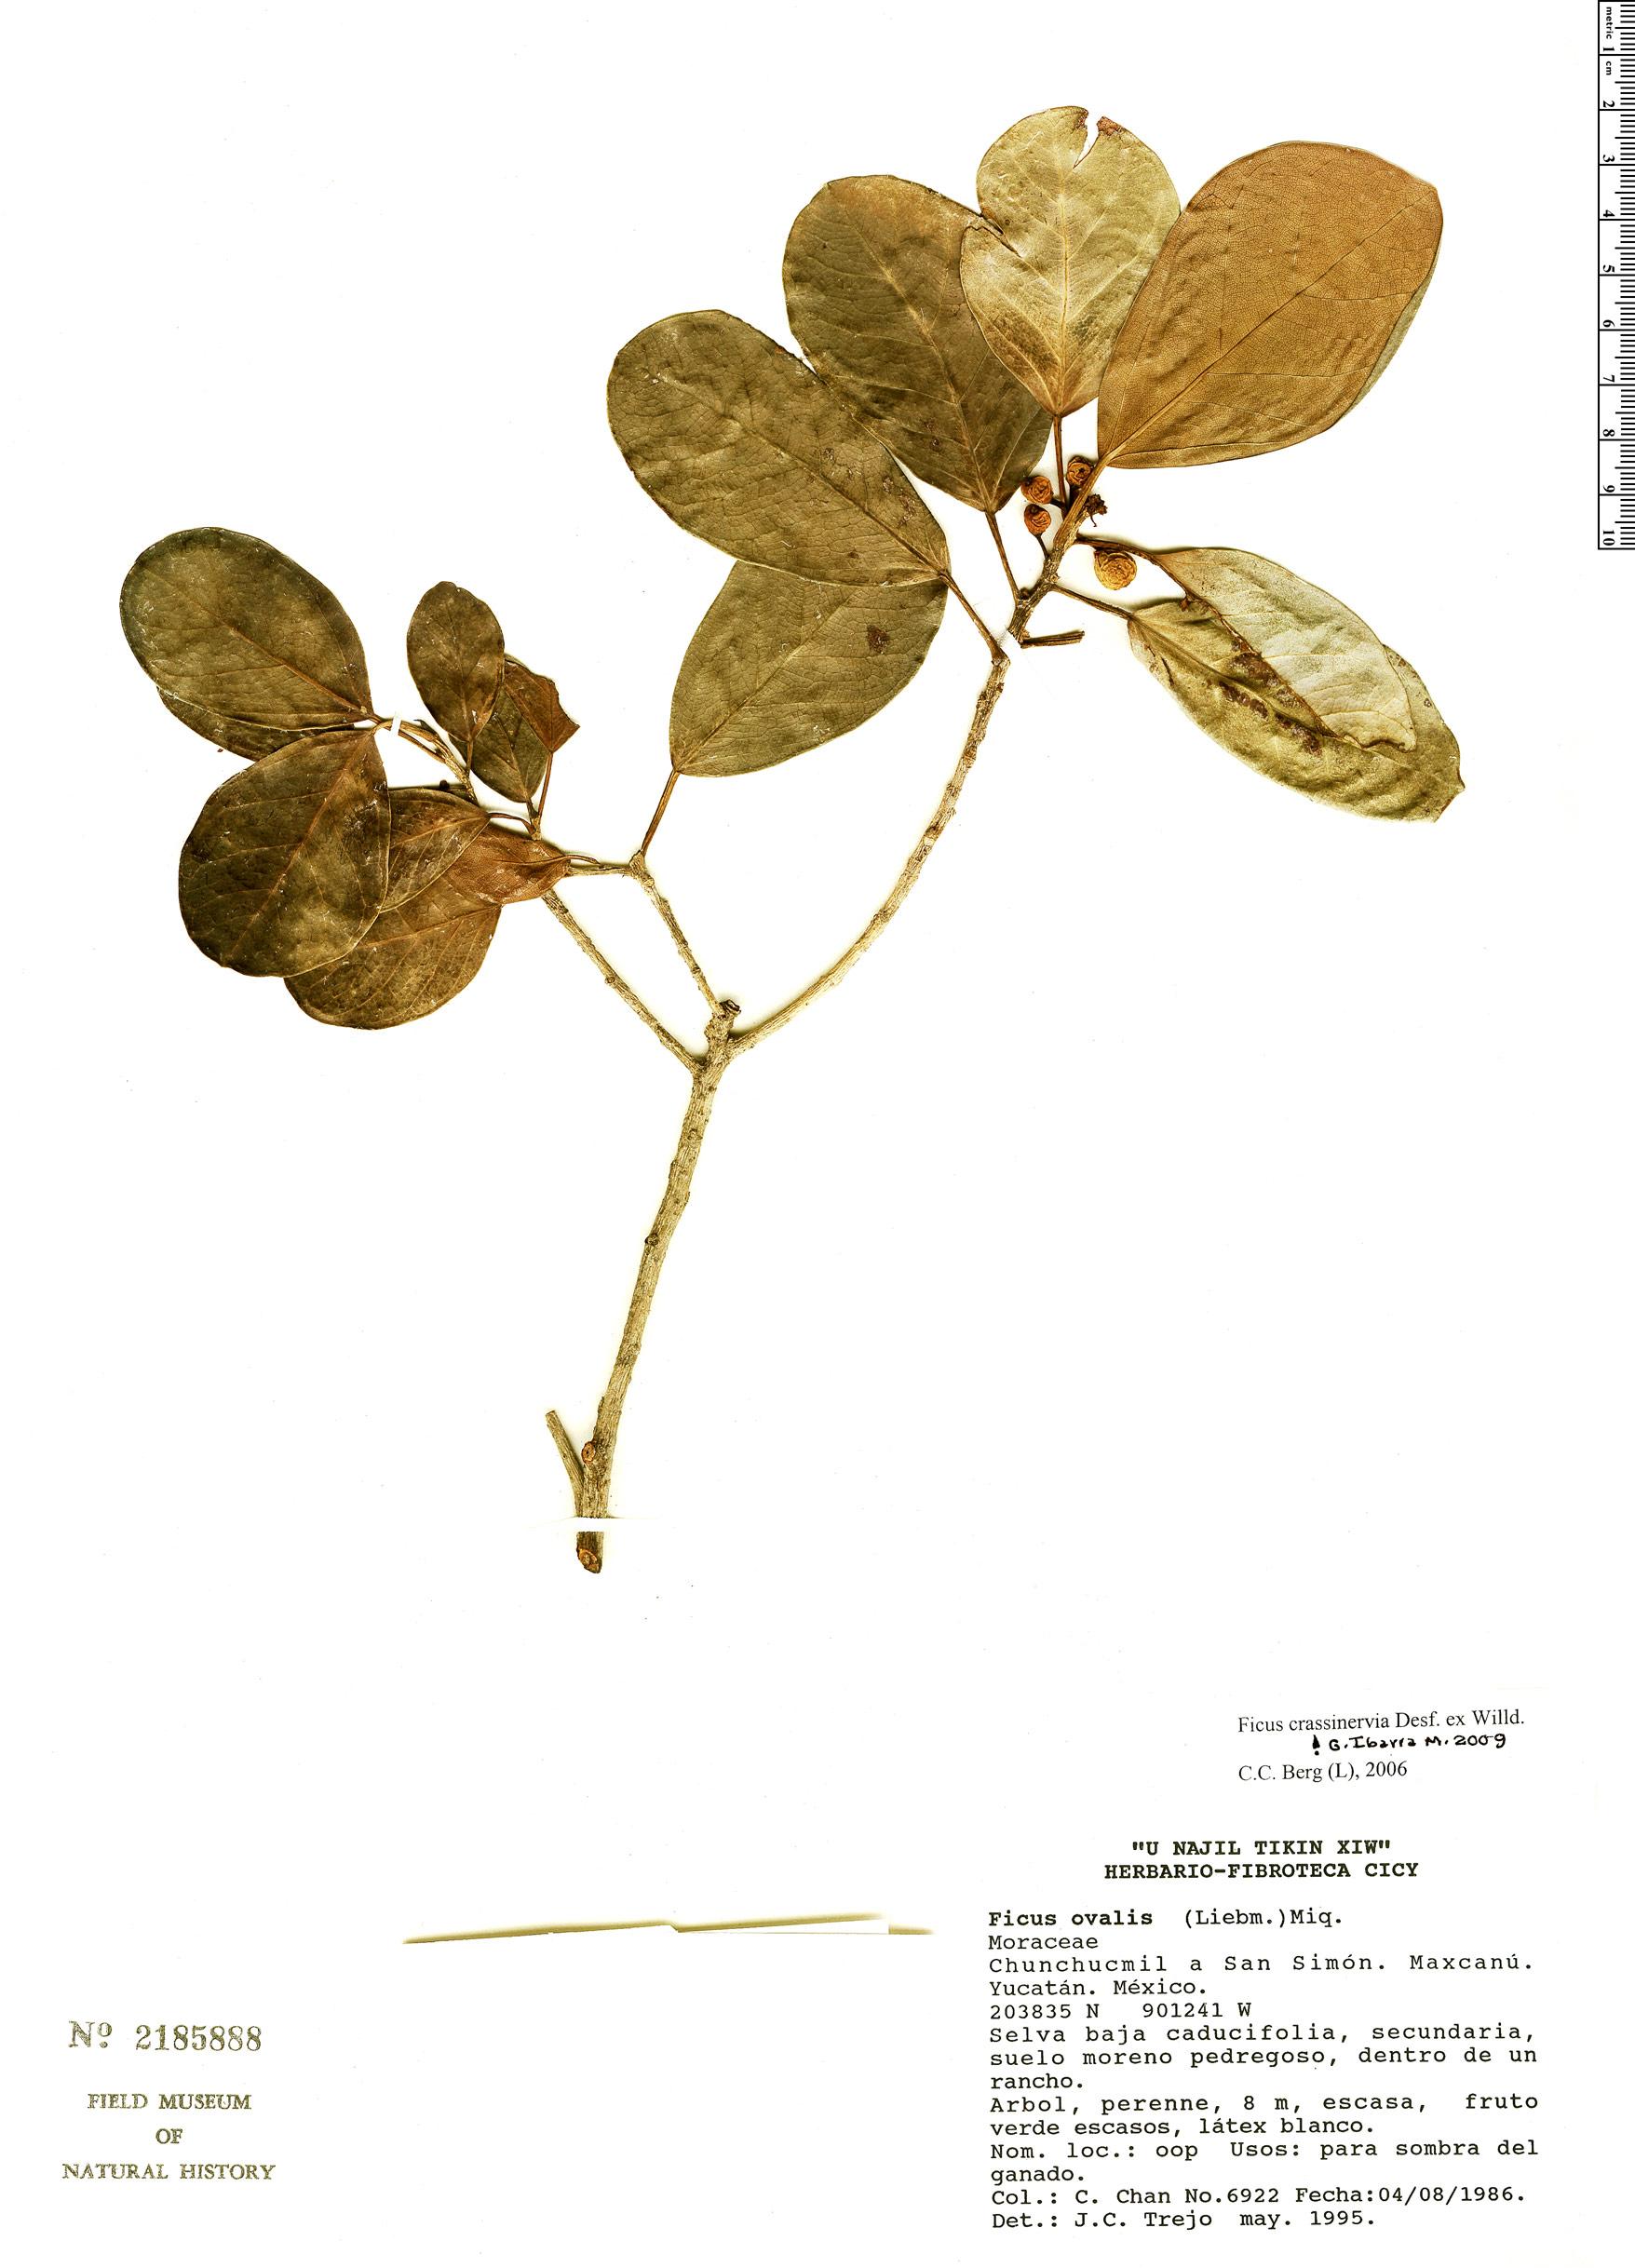 Specimen: Ficus crassinervia